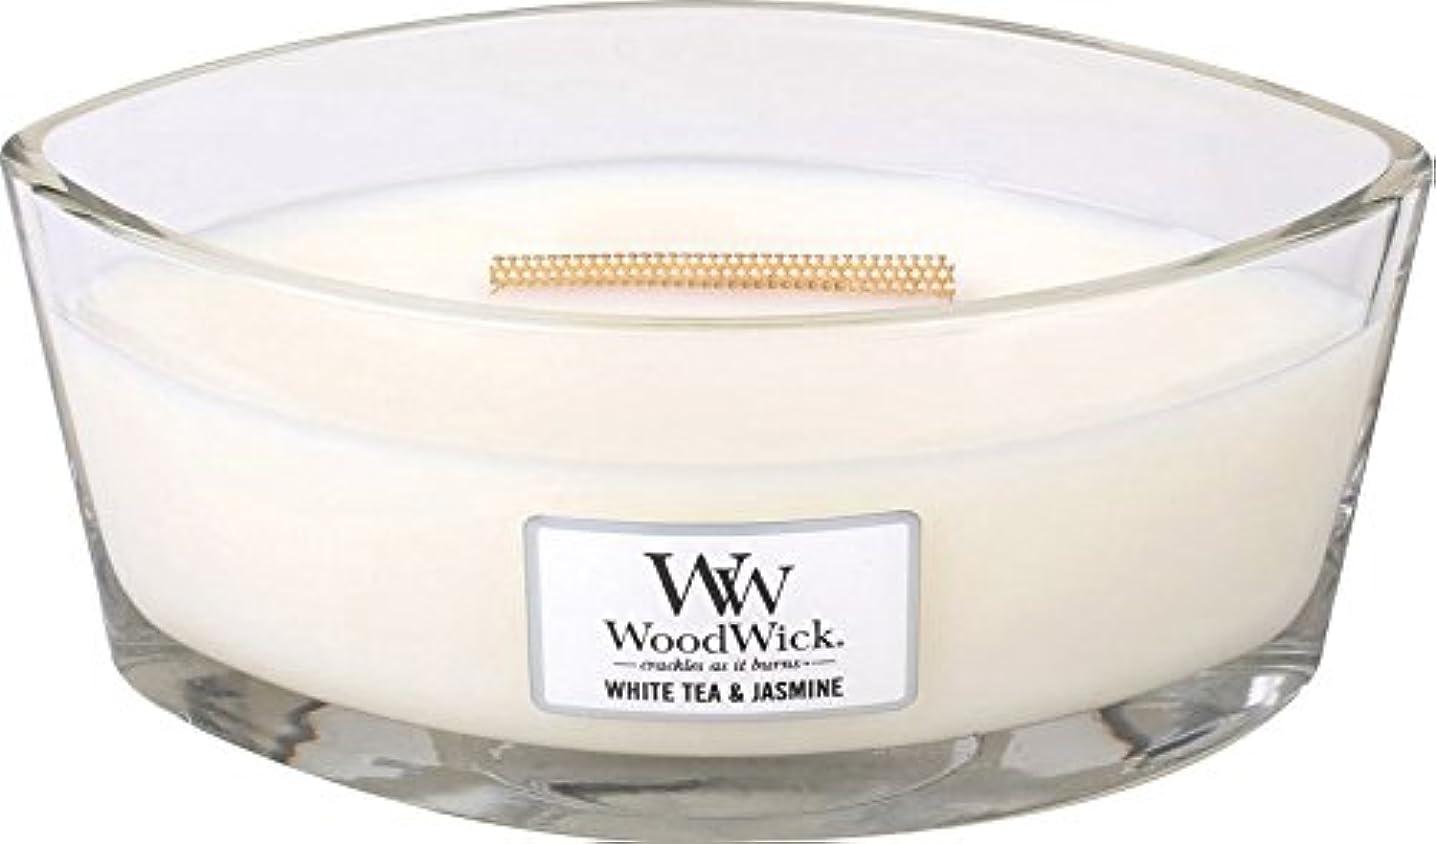 常習者シーンそしてWood Wick ハースウィックキャンドルL ホワイトティージャスミン